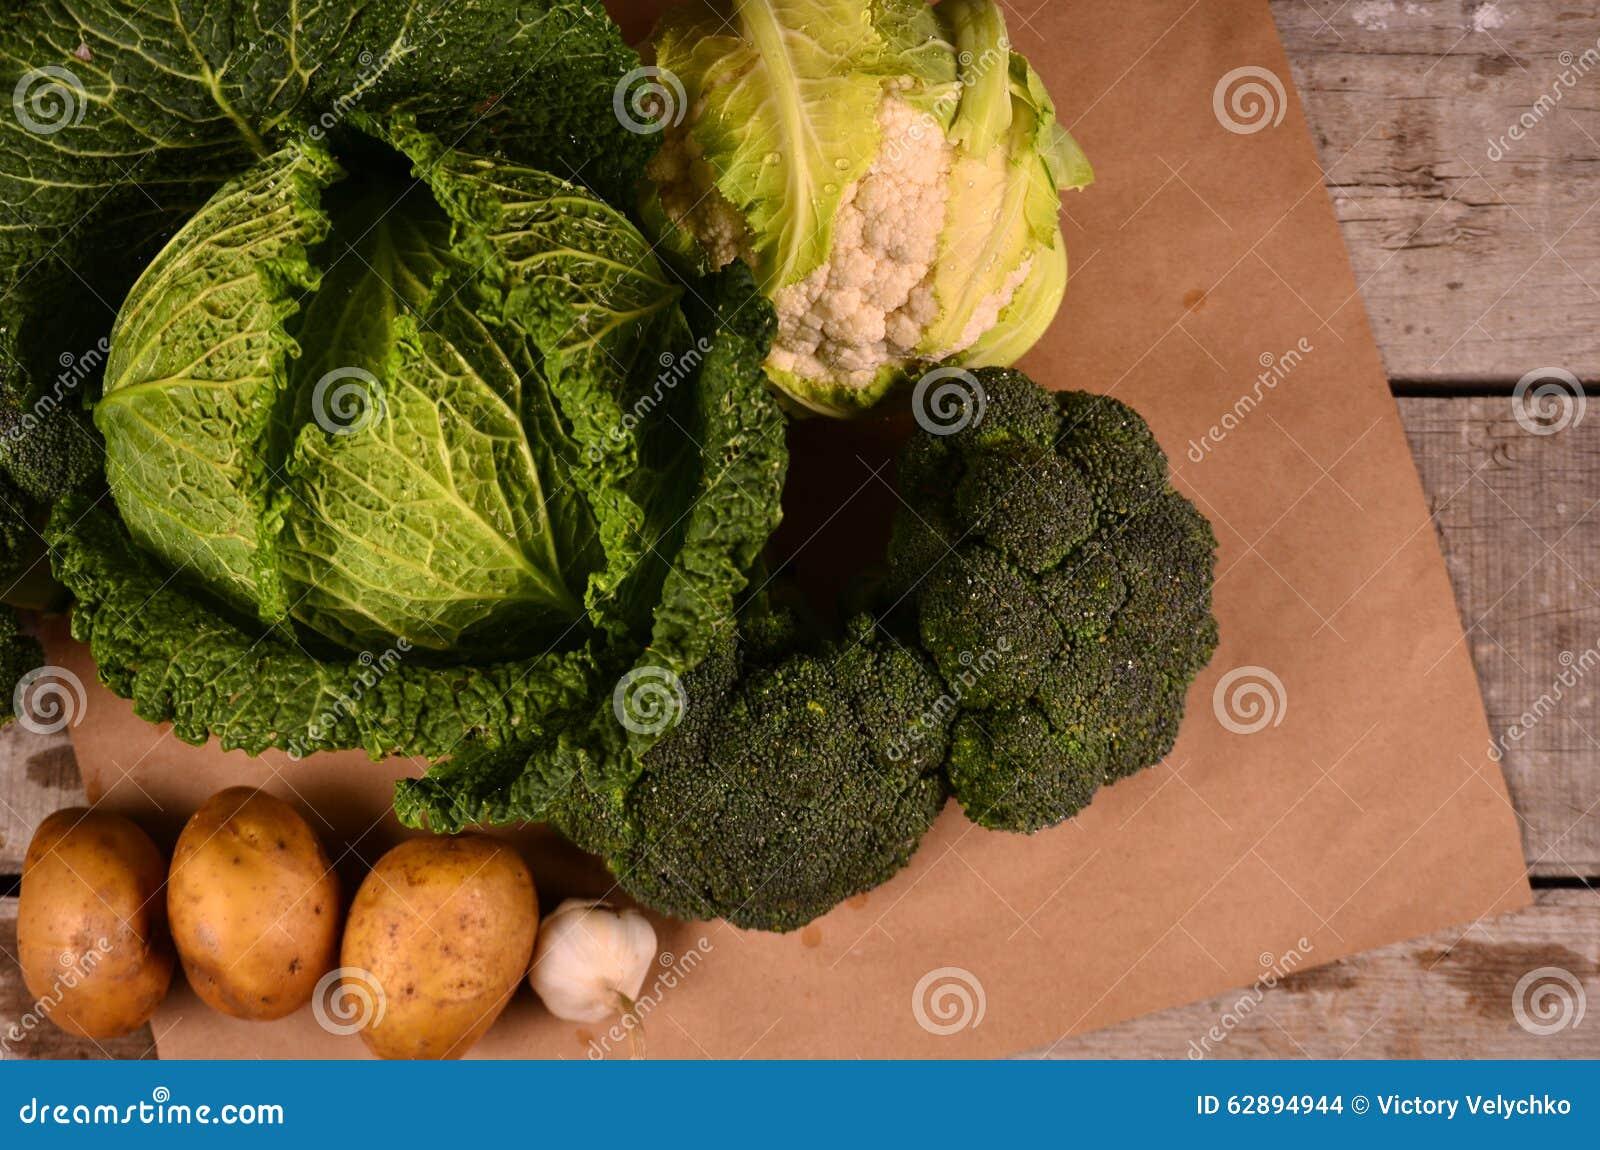 Den drog kål, blomkålen, broccoli och handen undertecknar ecoprodukten på svart